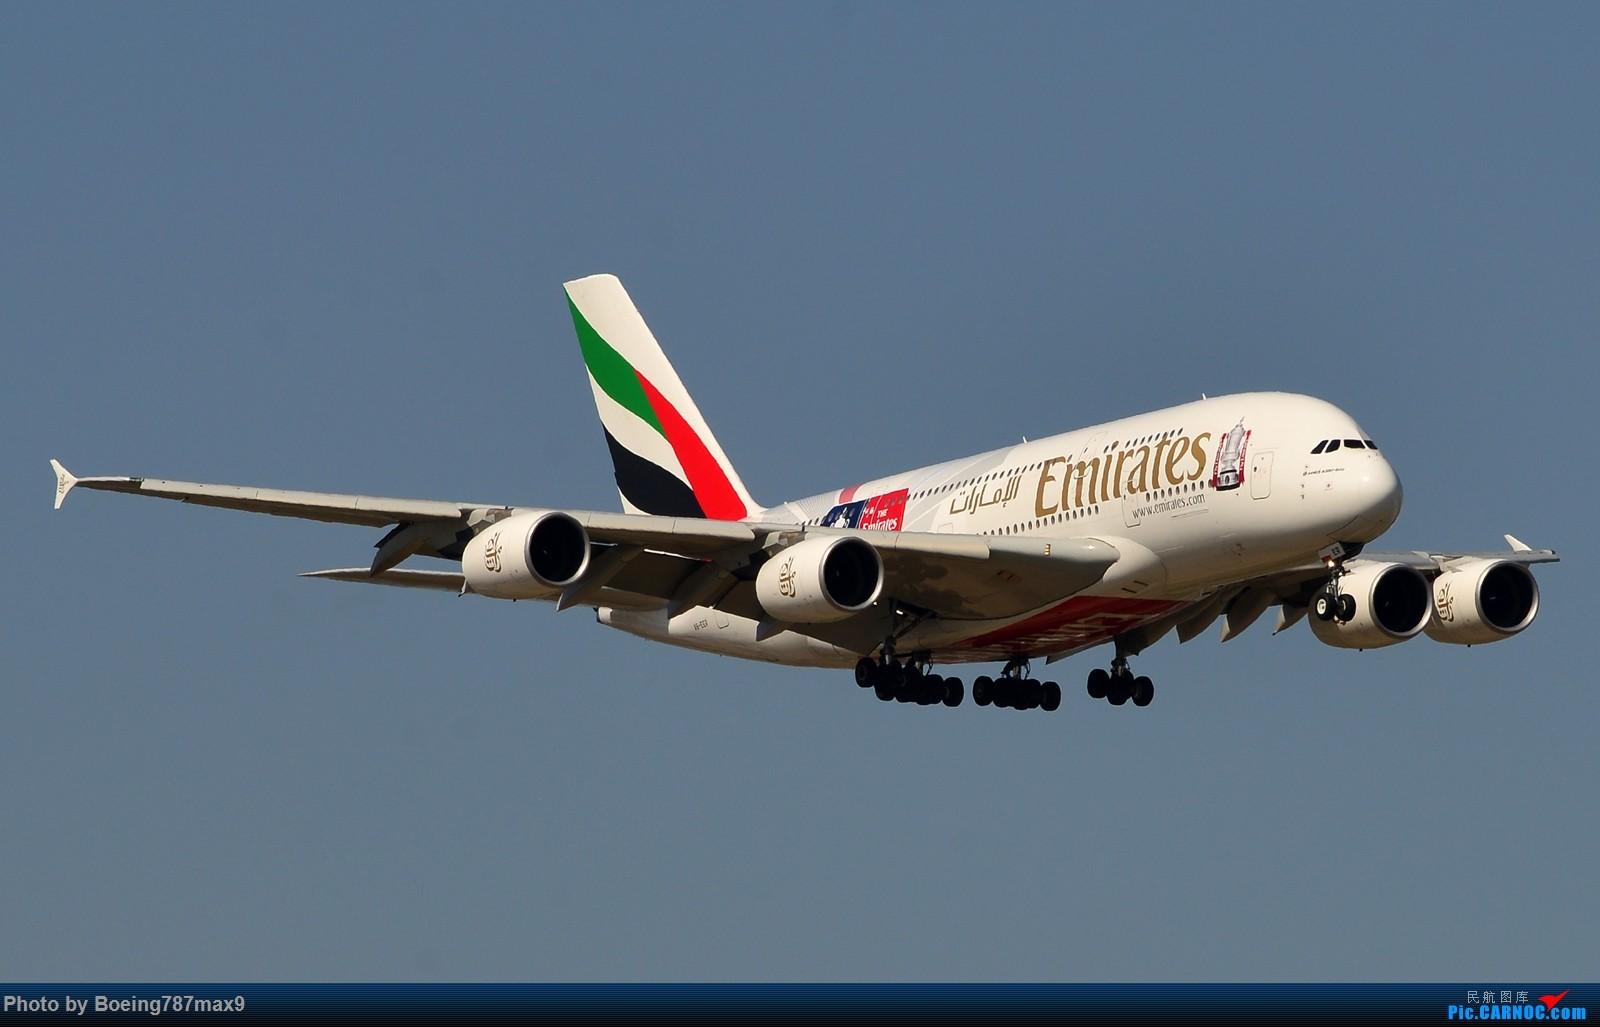 [原创]【PEK】这家货第一次来北京,却正赶上南风。阿联酋380-800总足杯彩绘机『1600*高清大图』 AIRBUS A380-800 A6-EER 中国北京首都国际机场